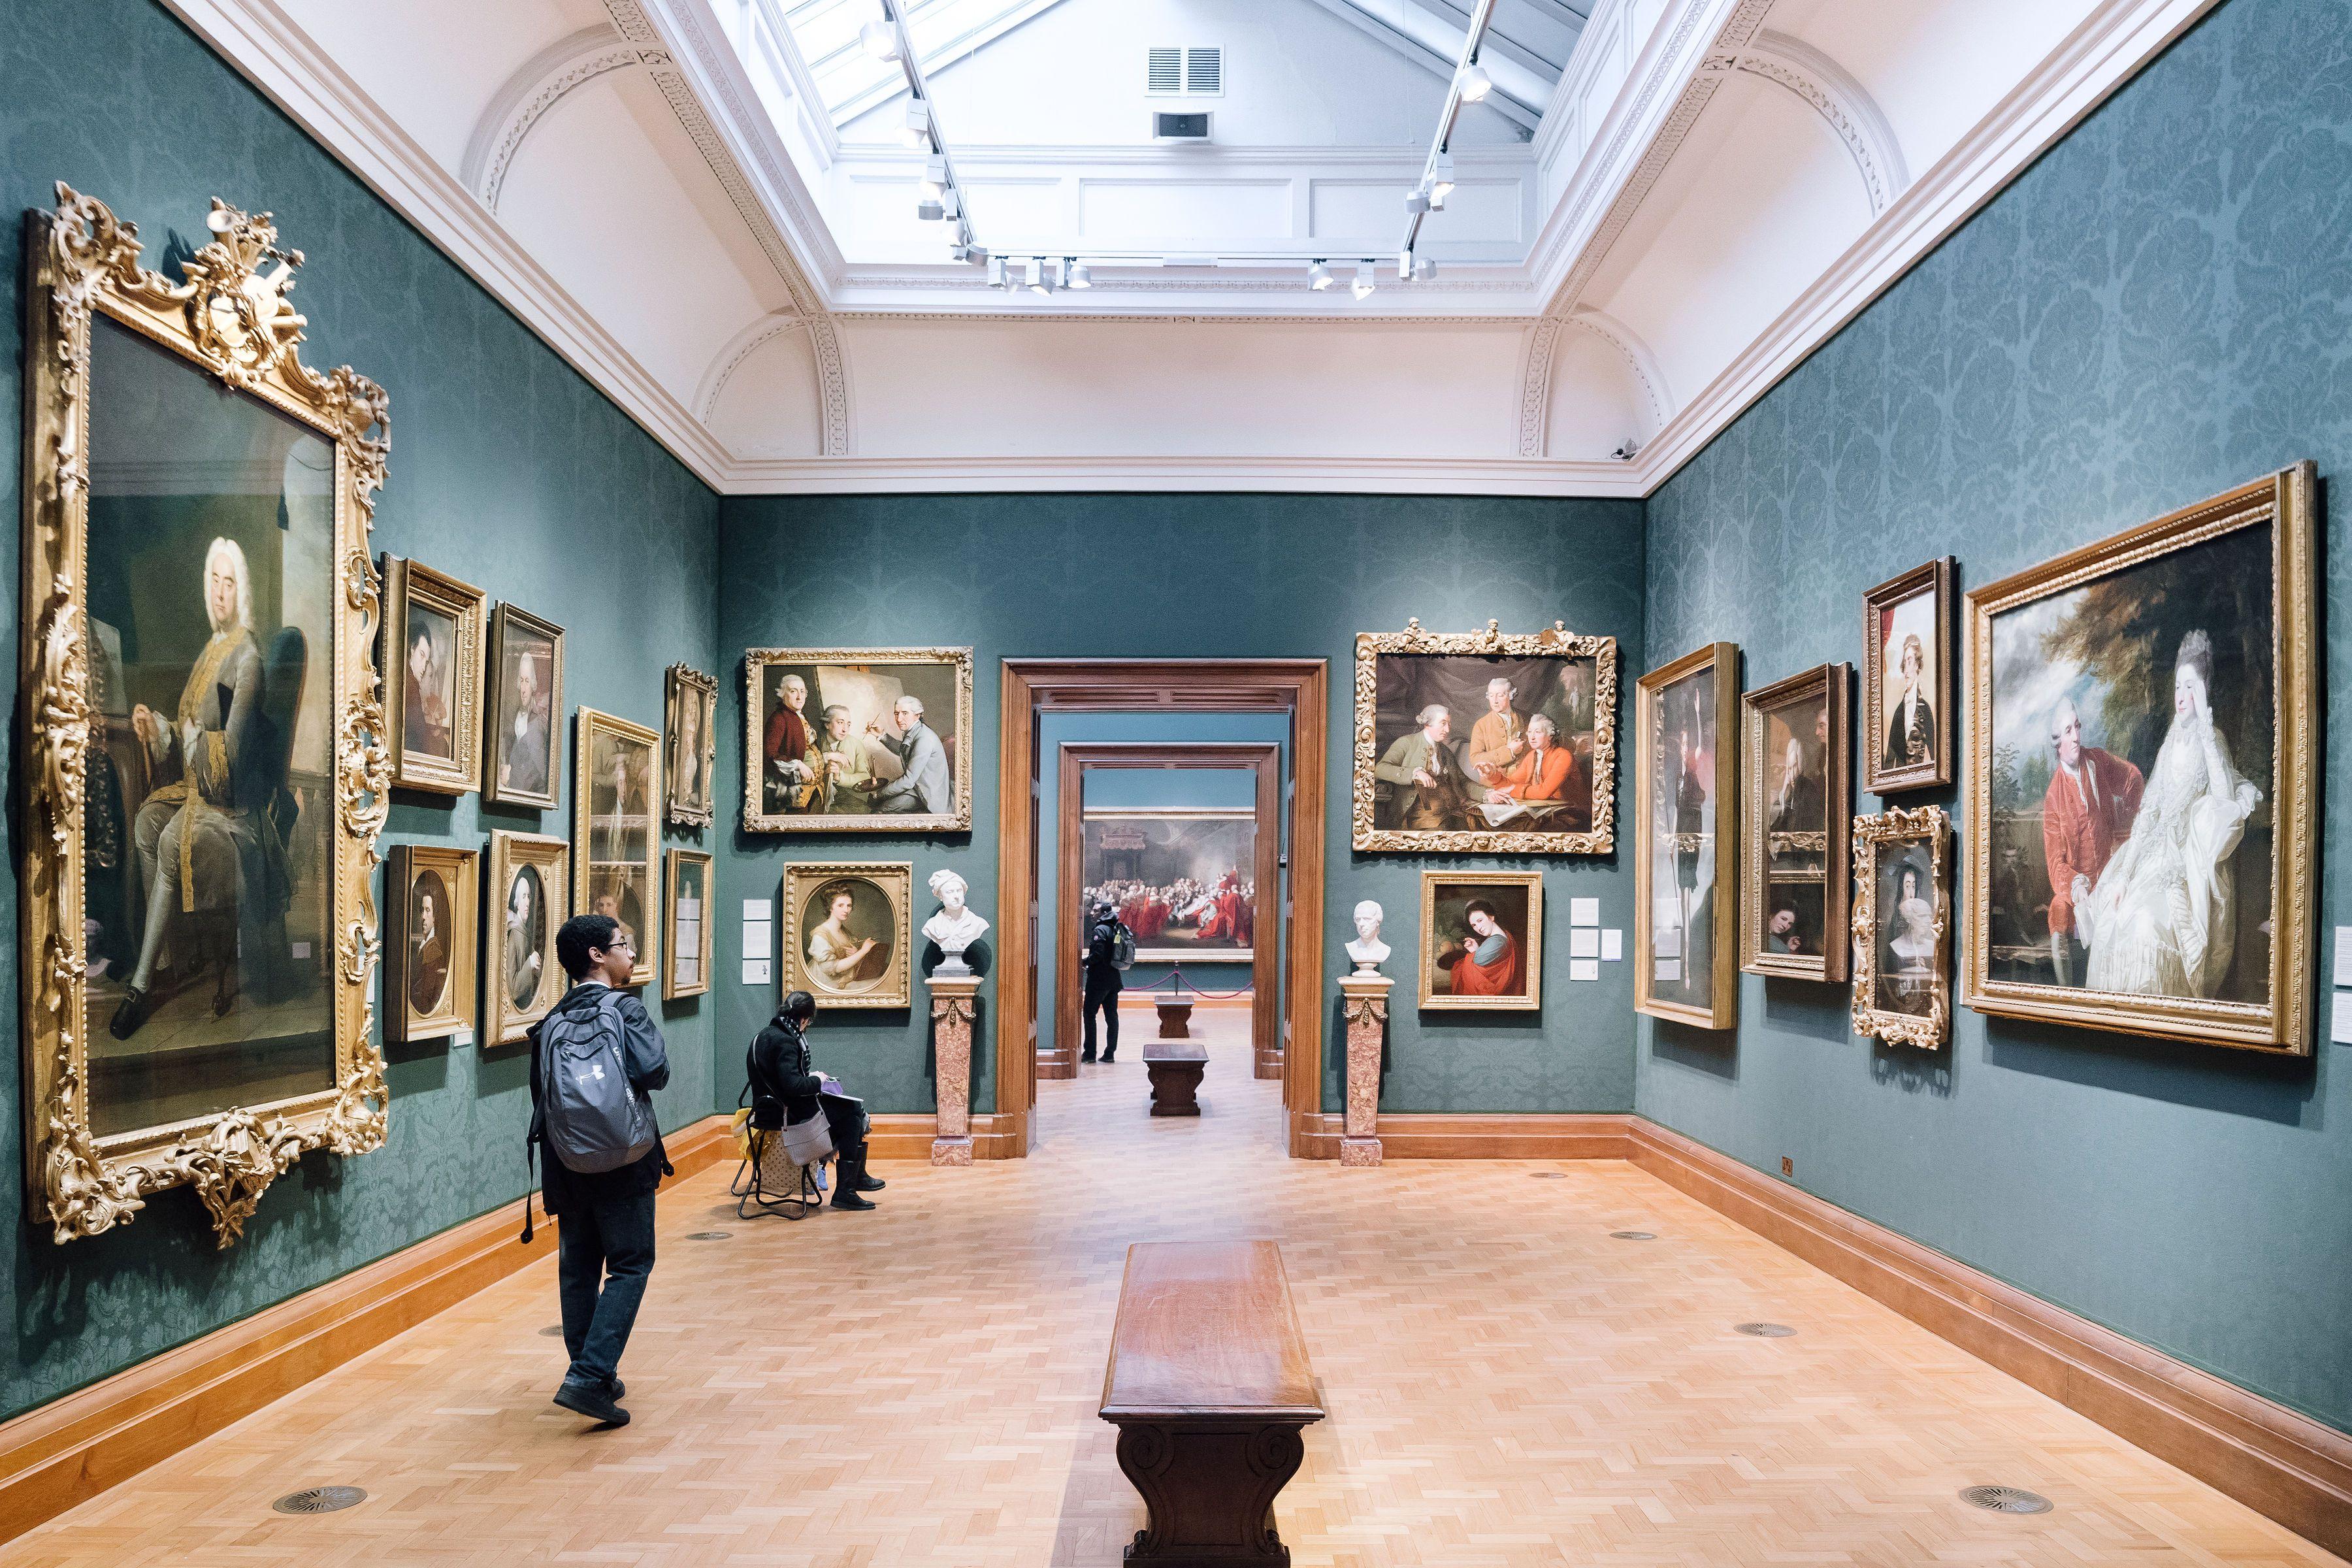 Interior of the art museum